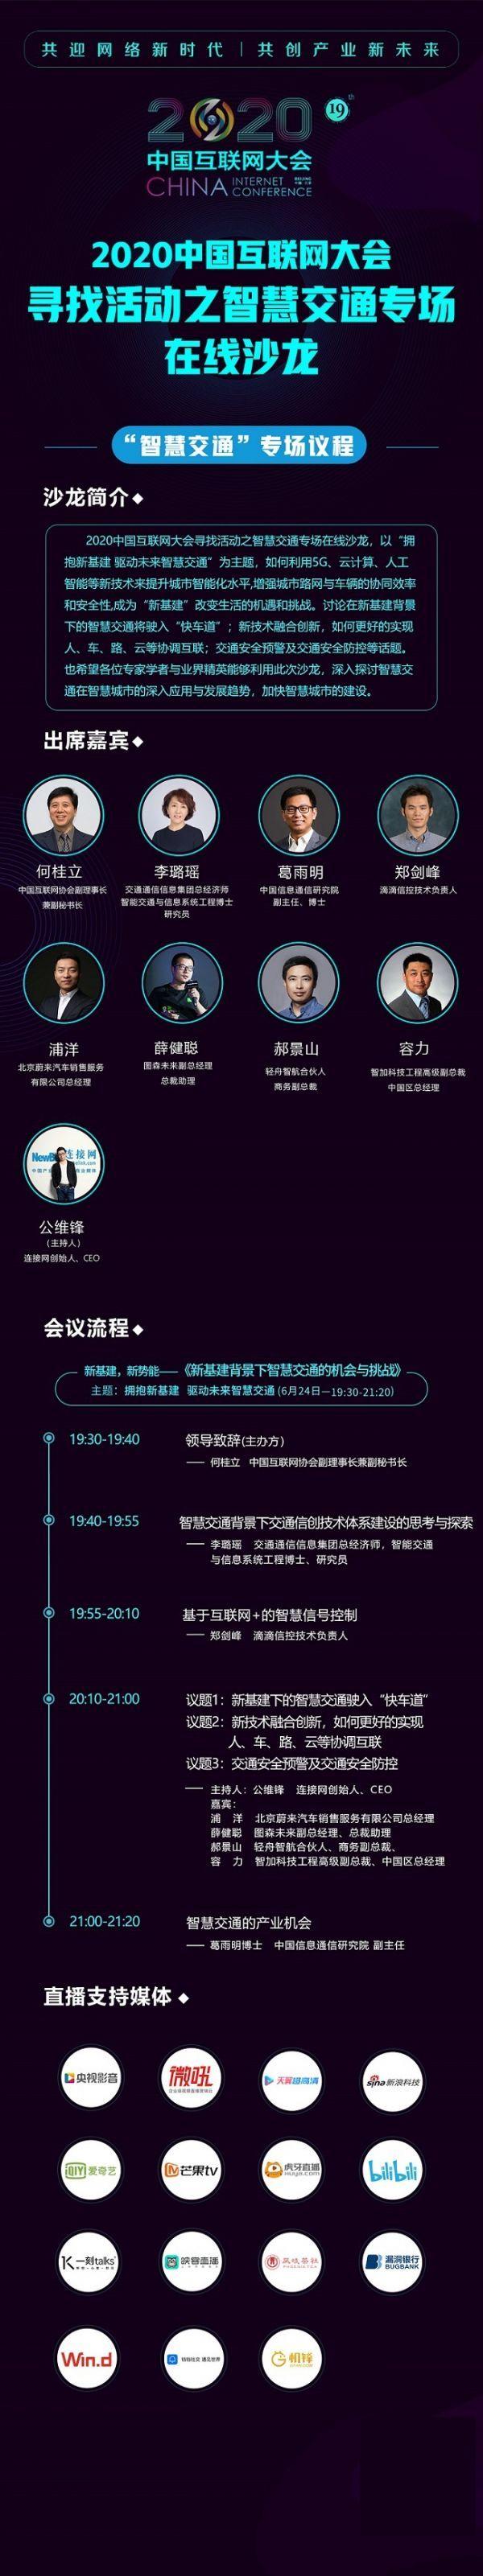 2020中国互联网大会.jpg